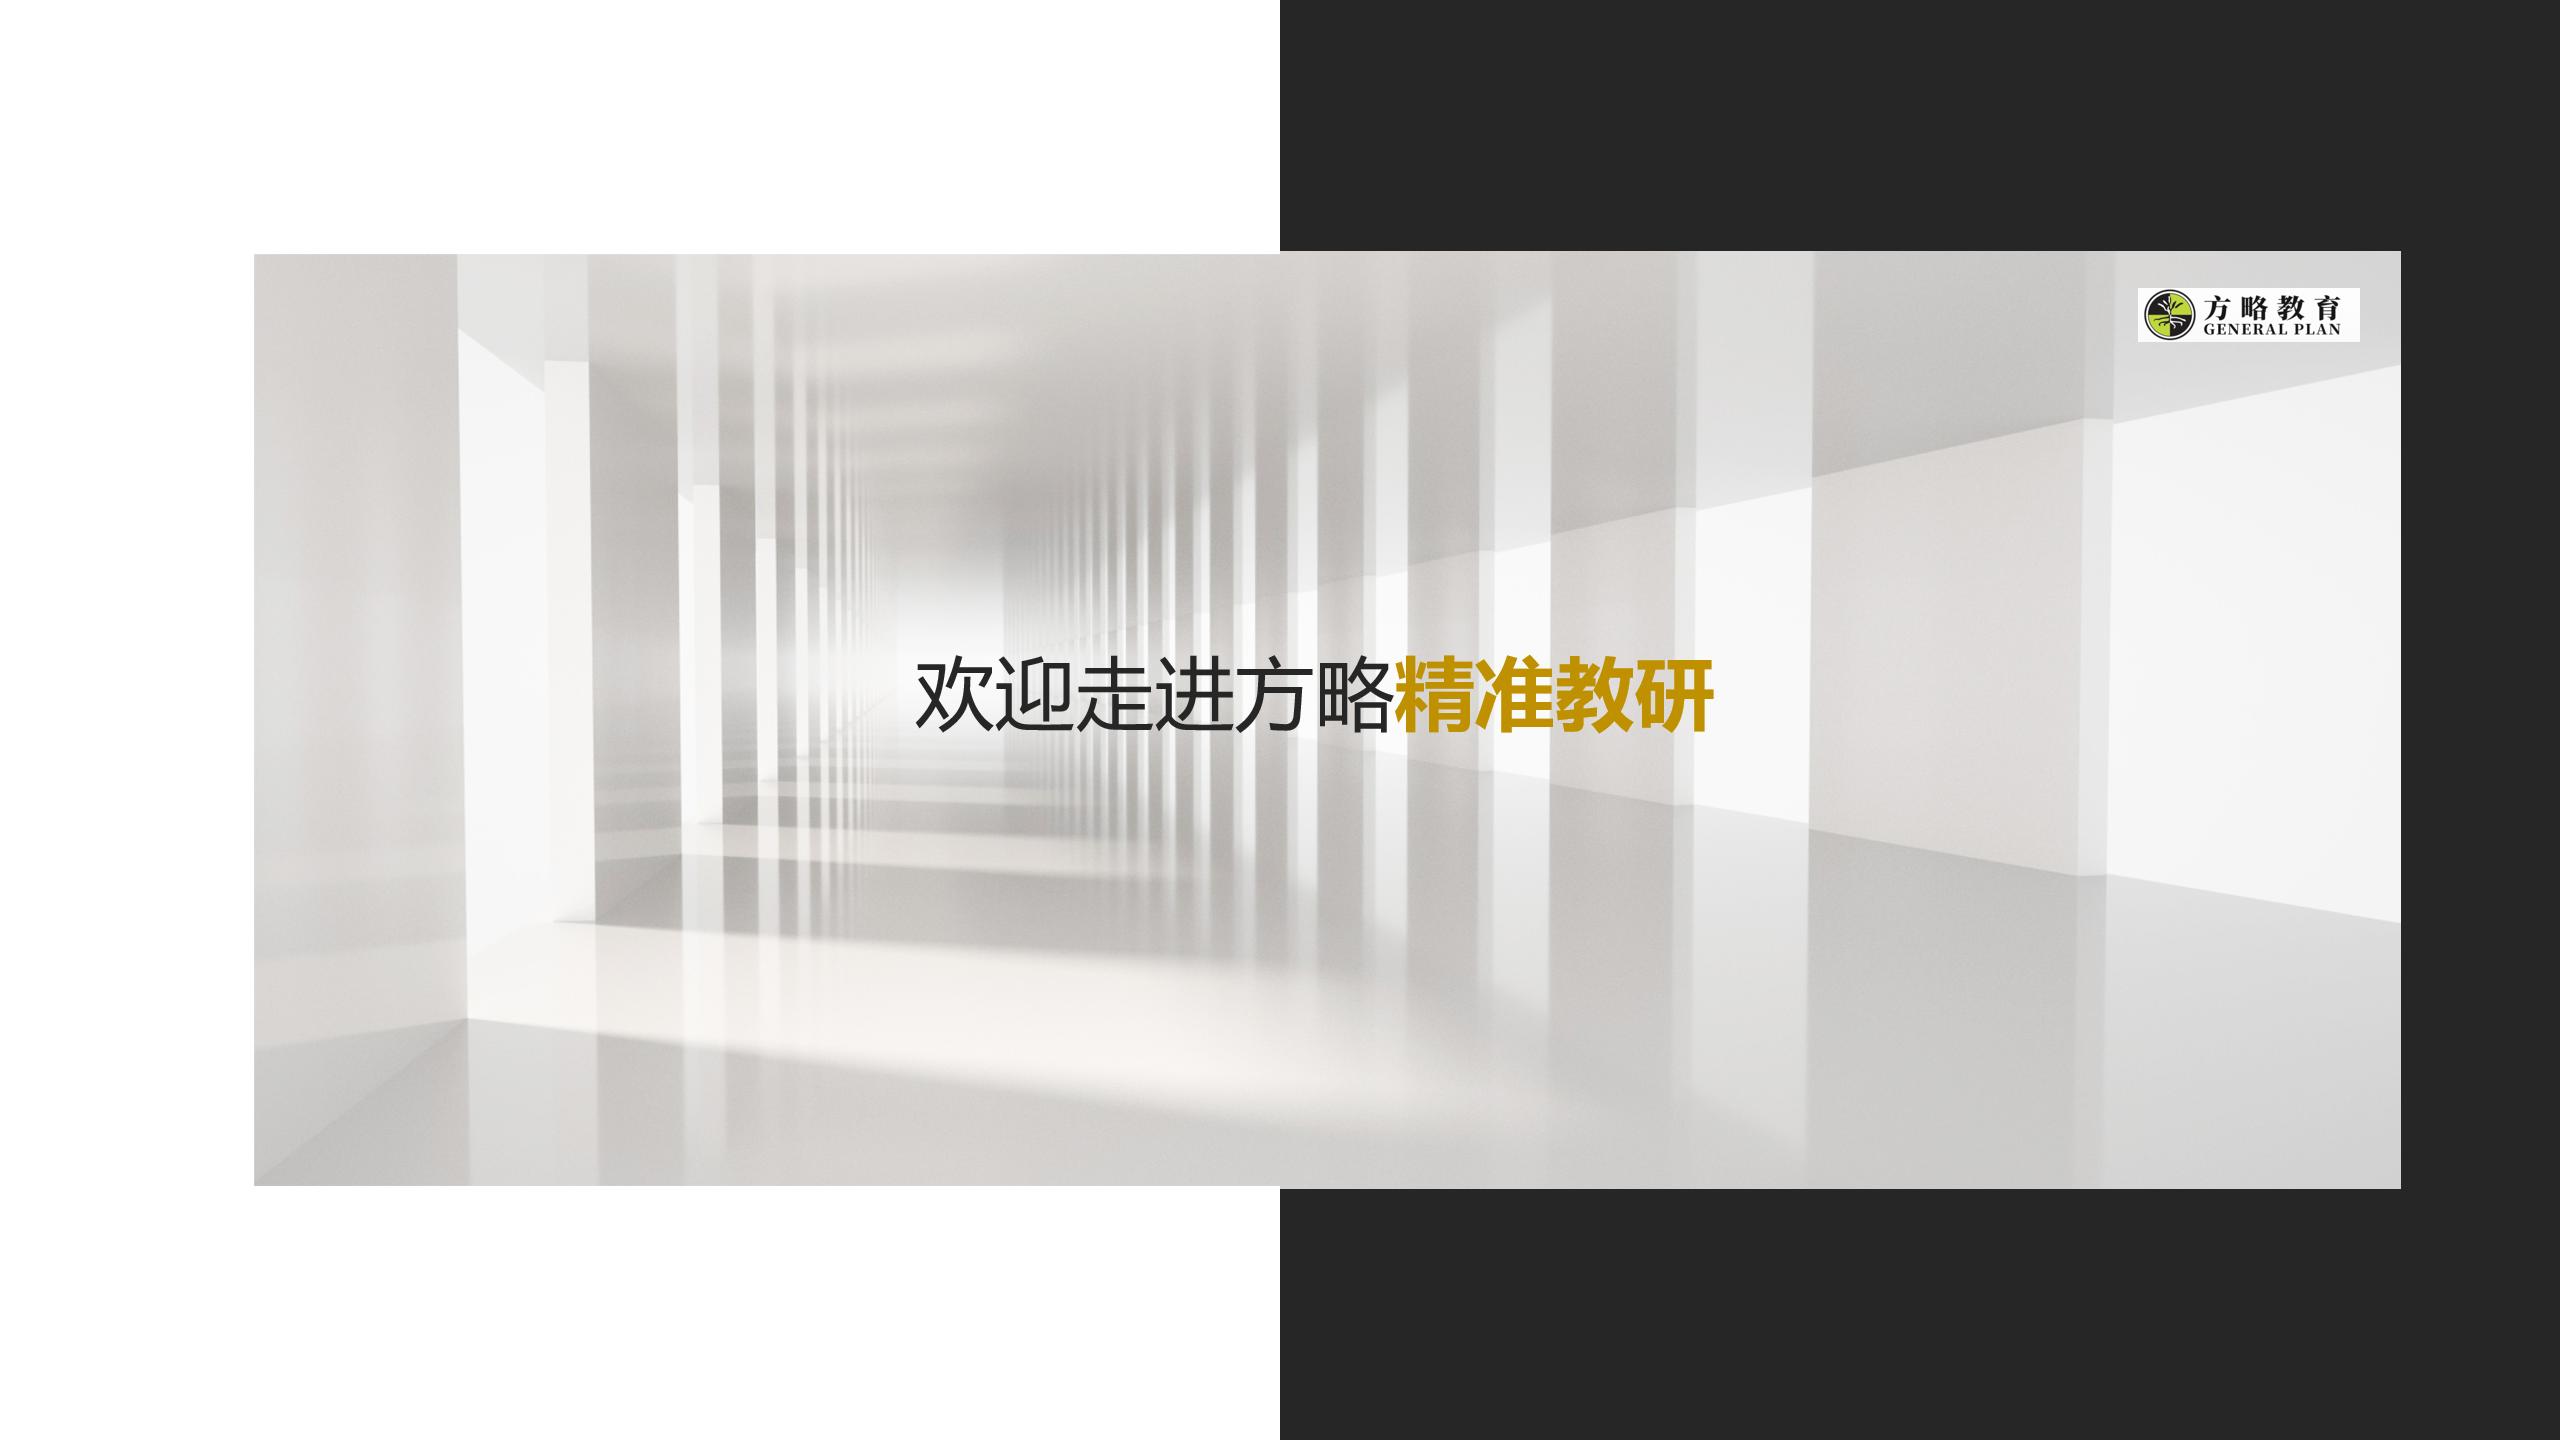 幻灯片8 - 方略智能教育服务